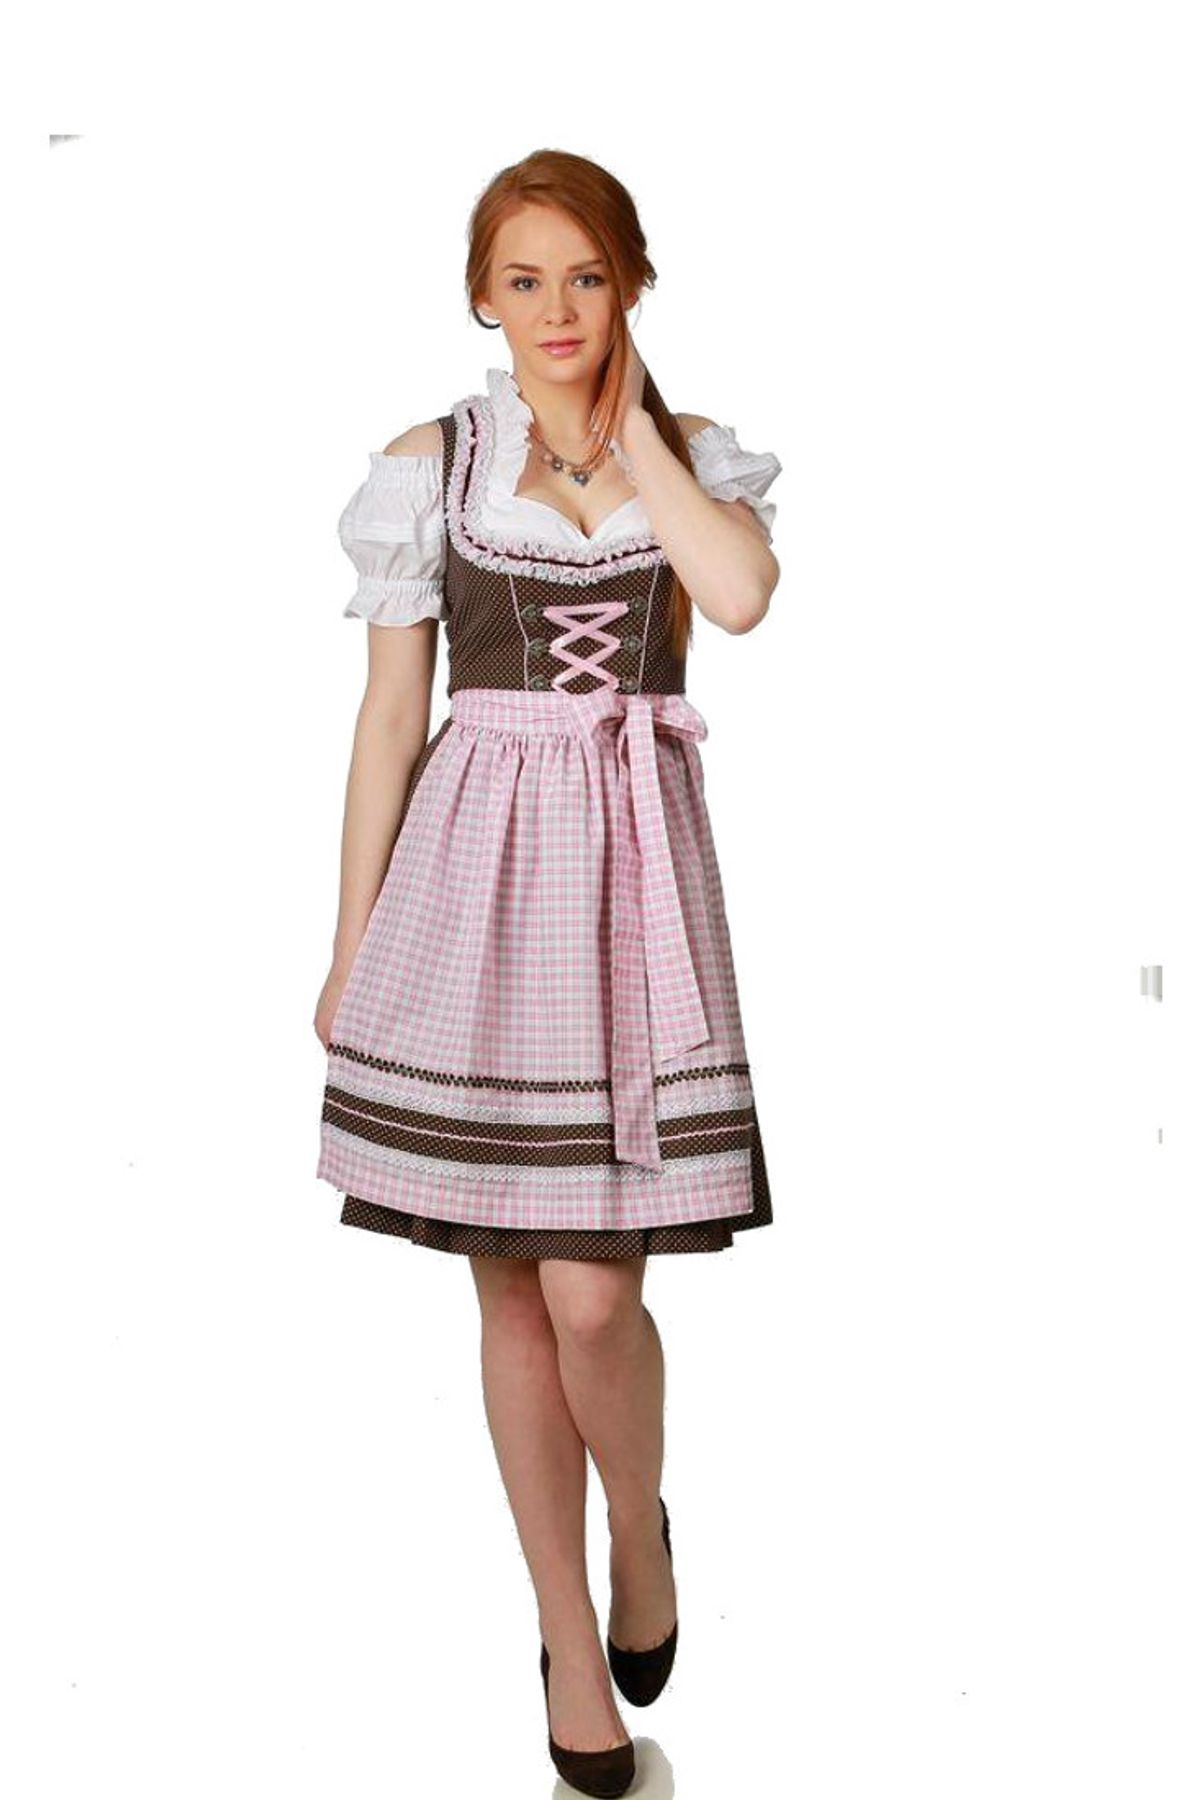 Fuchs Trachten - Damen Dirndl,  (55 cm) (Artikelnummer: 5779)